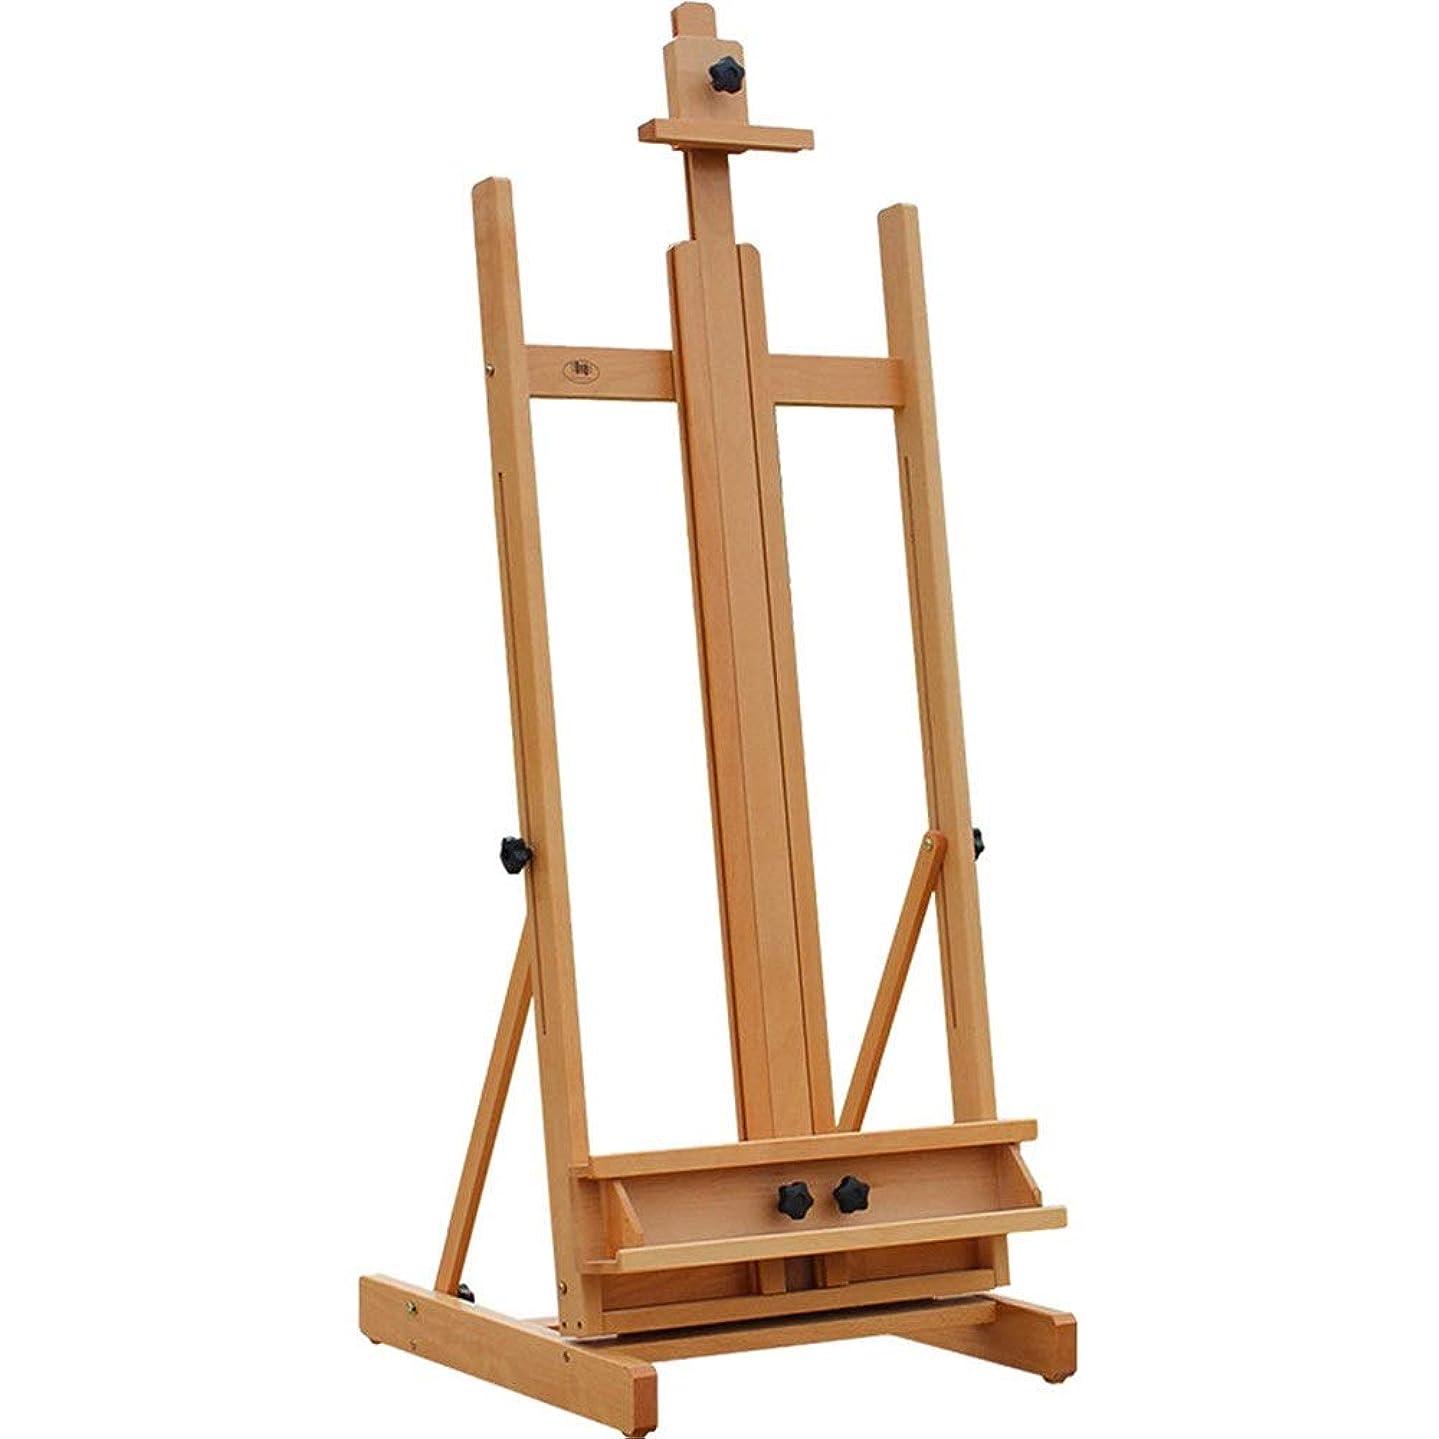 サイクロプス赤面卓上イーゼル 大きな木製イーゼル絵画イーゼルアーティストリフティング折りたたみスケッチイーゼル 塗装や展示に適しています (Color : Natural, Size : 142-220cm)